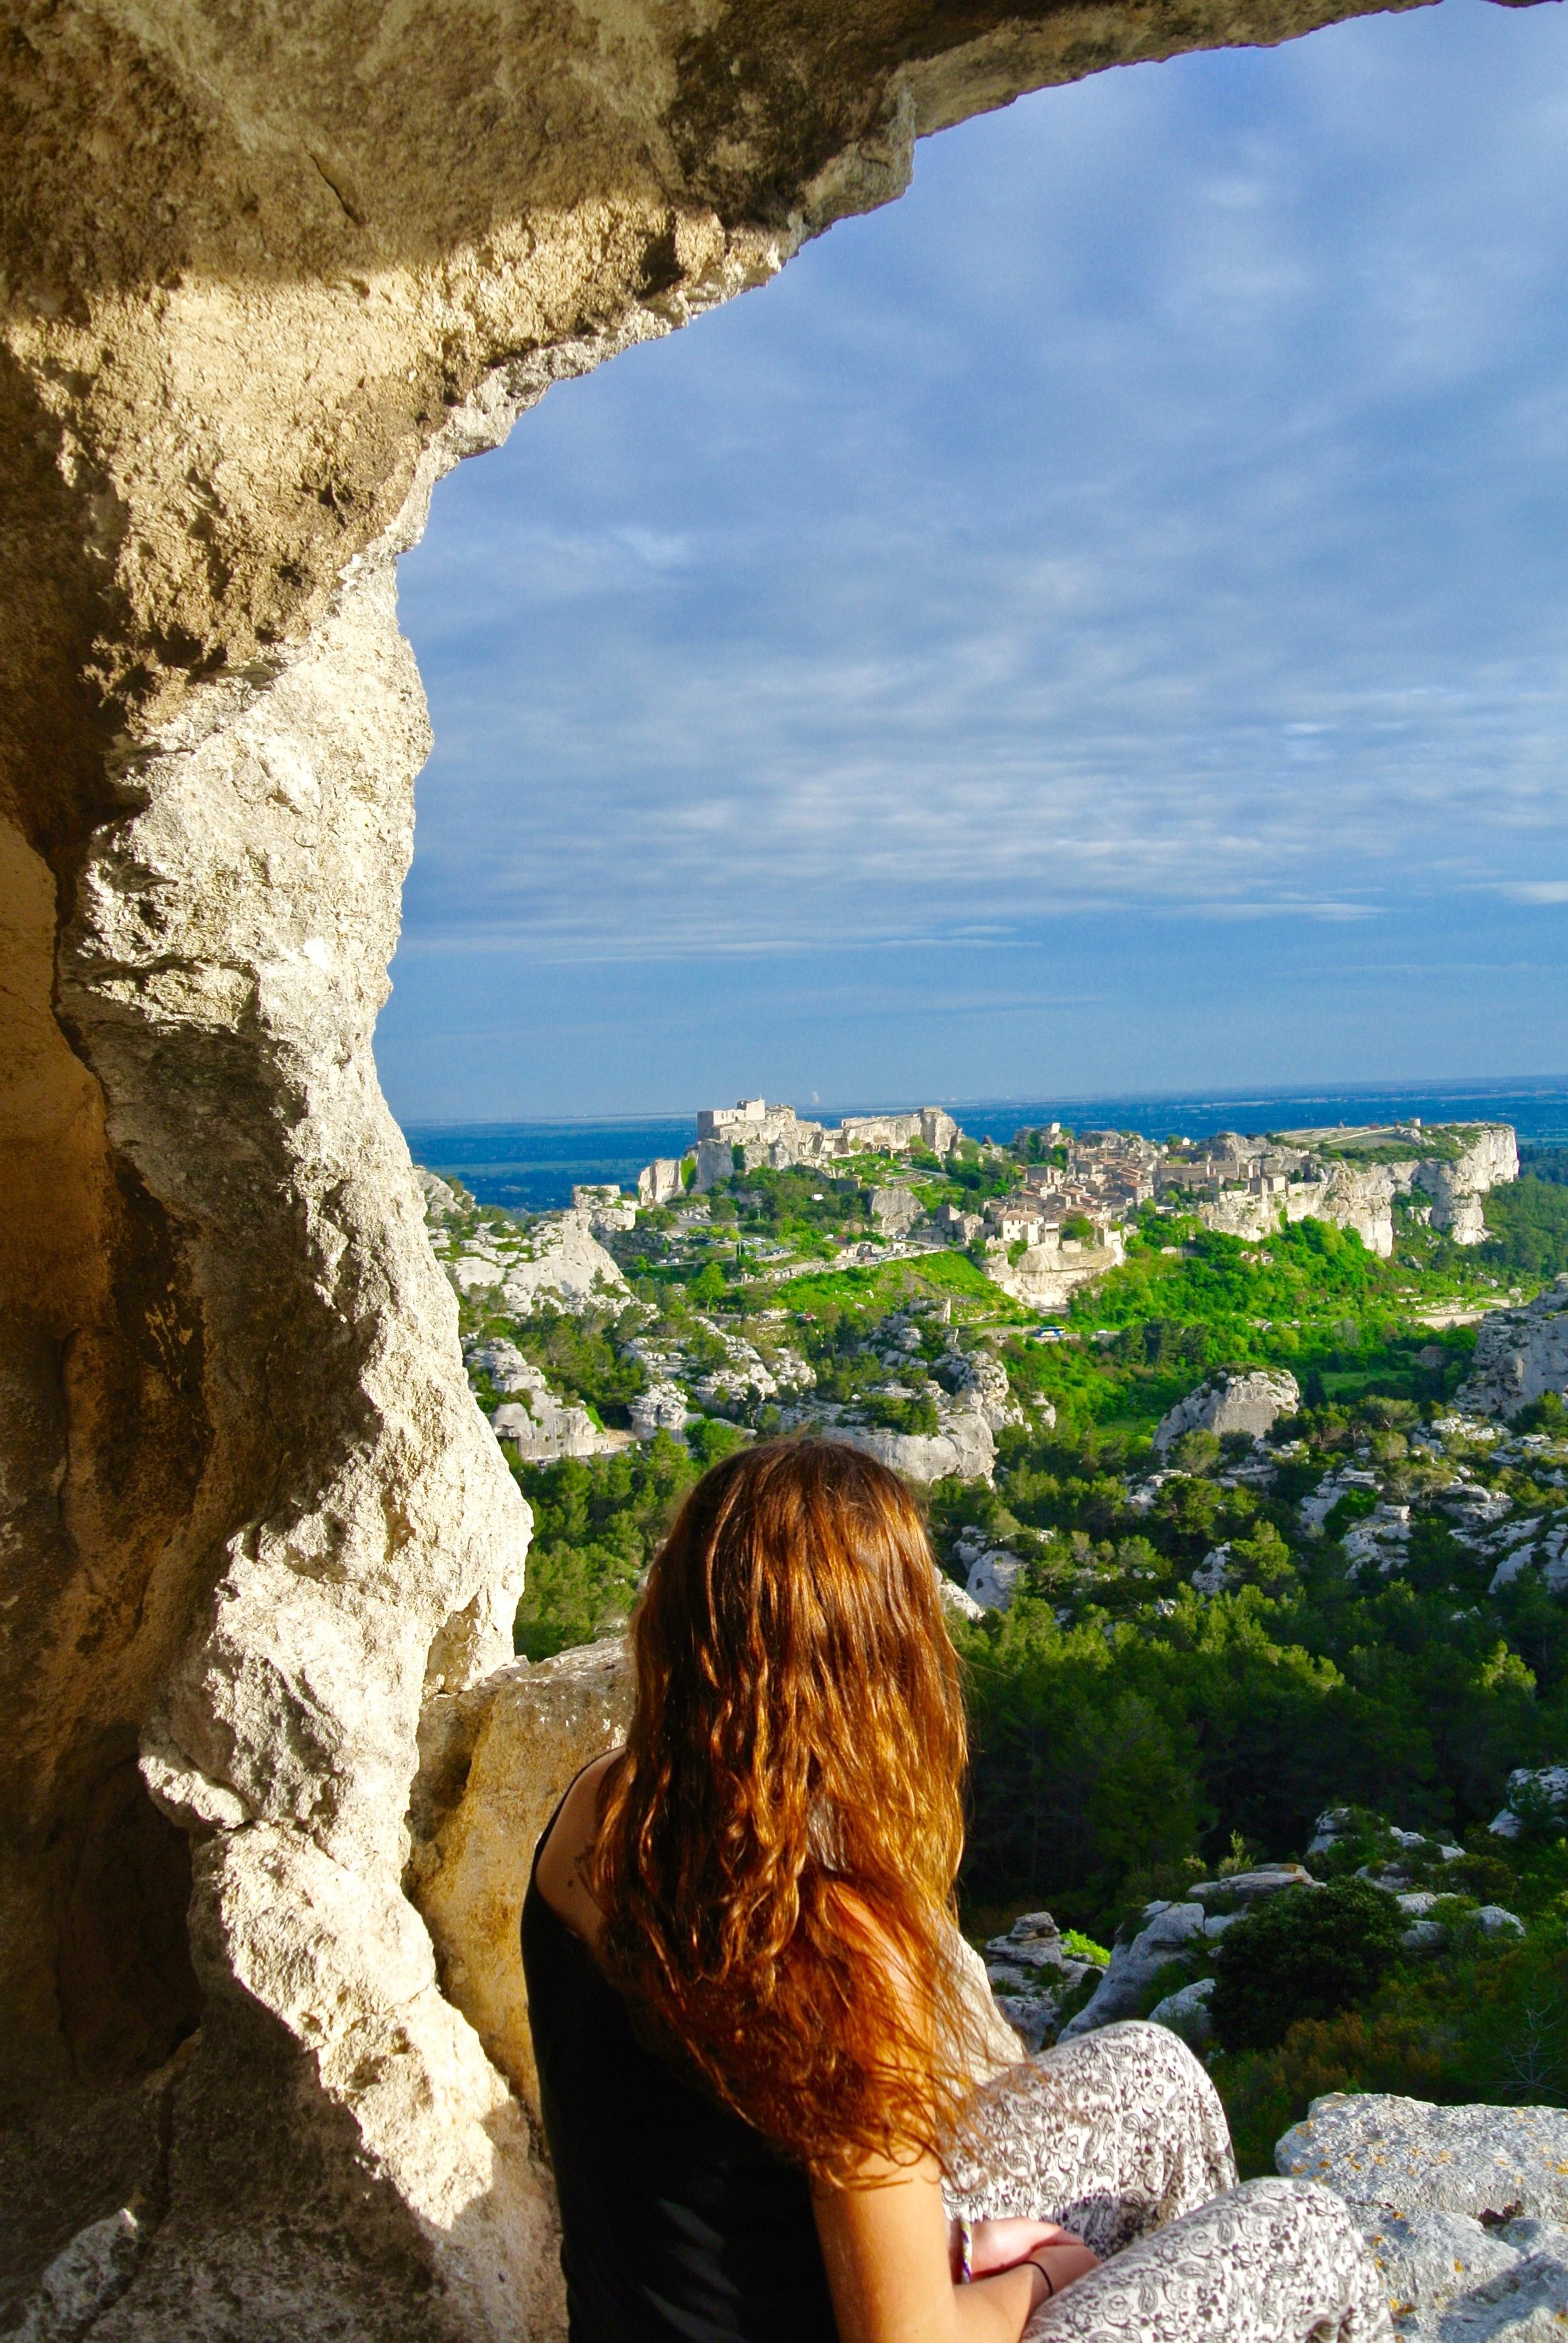 View of Les Baux